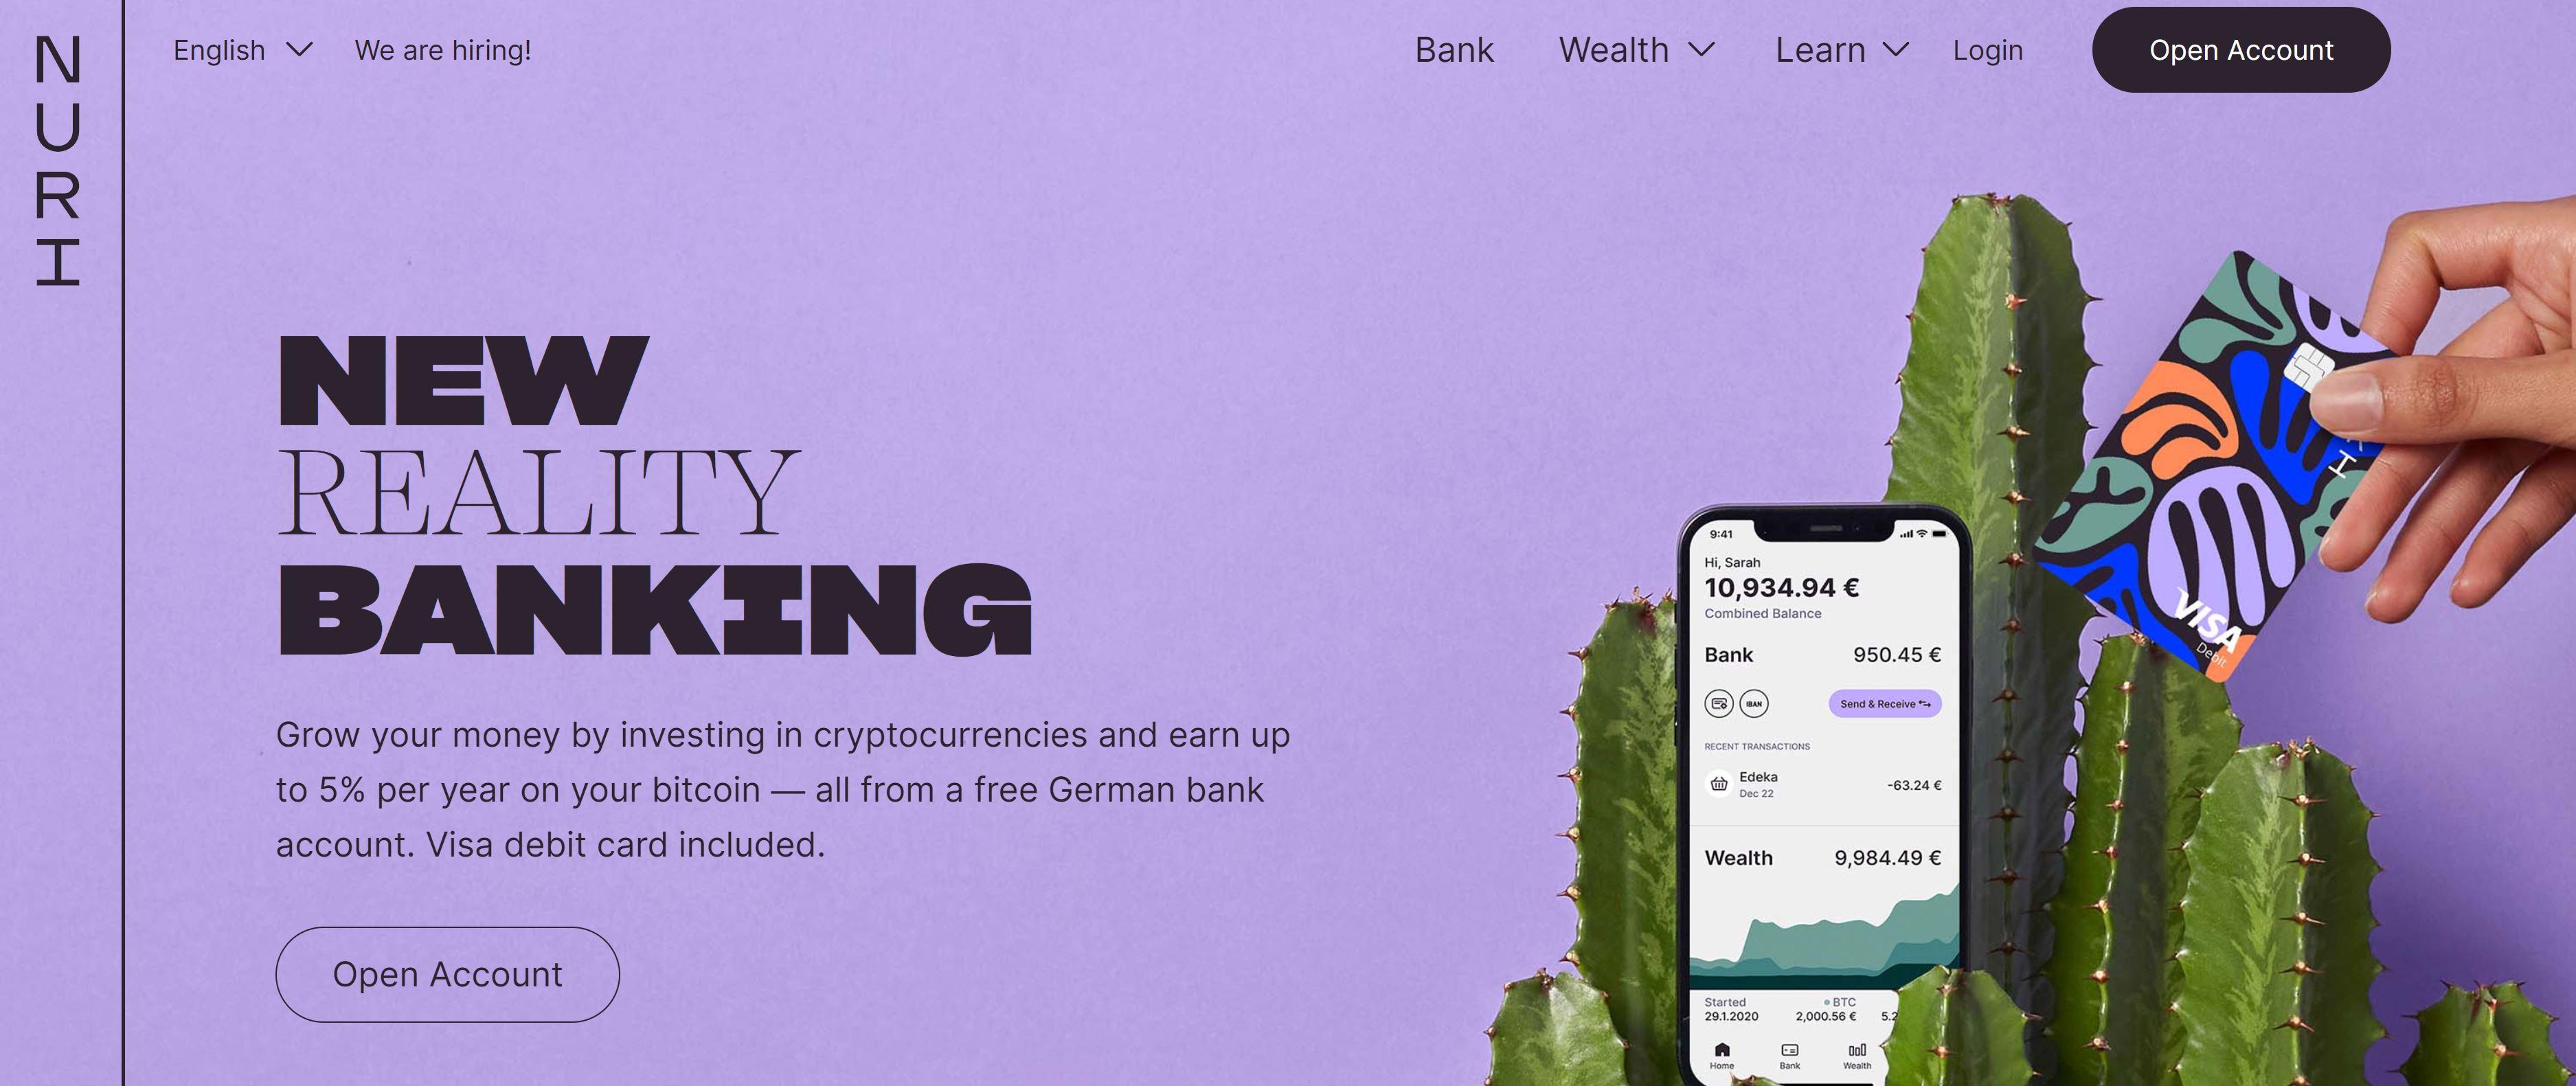 Nuri website